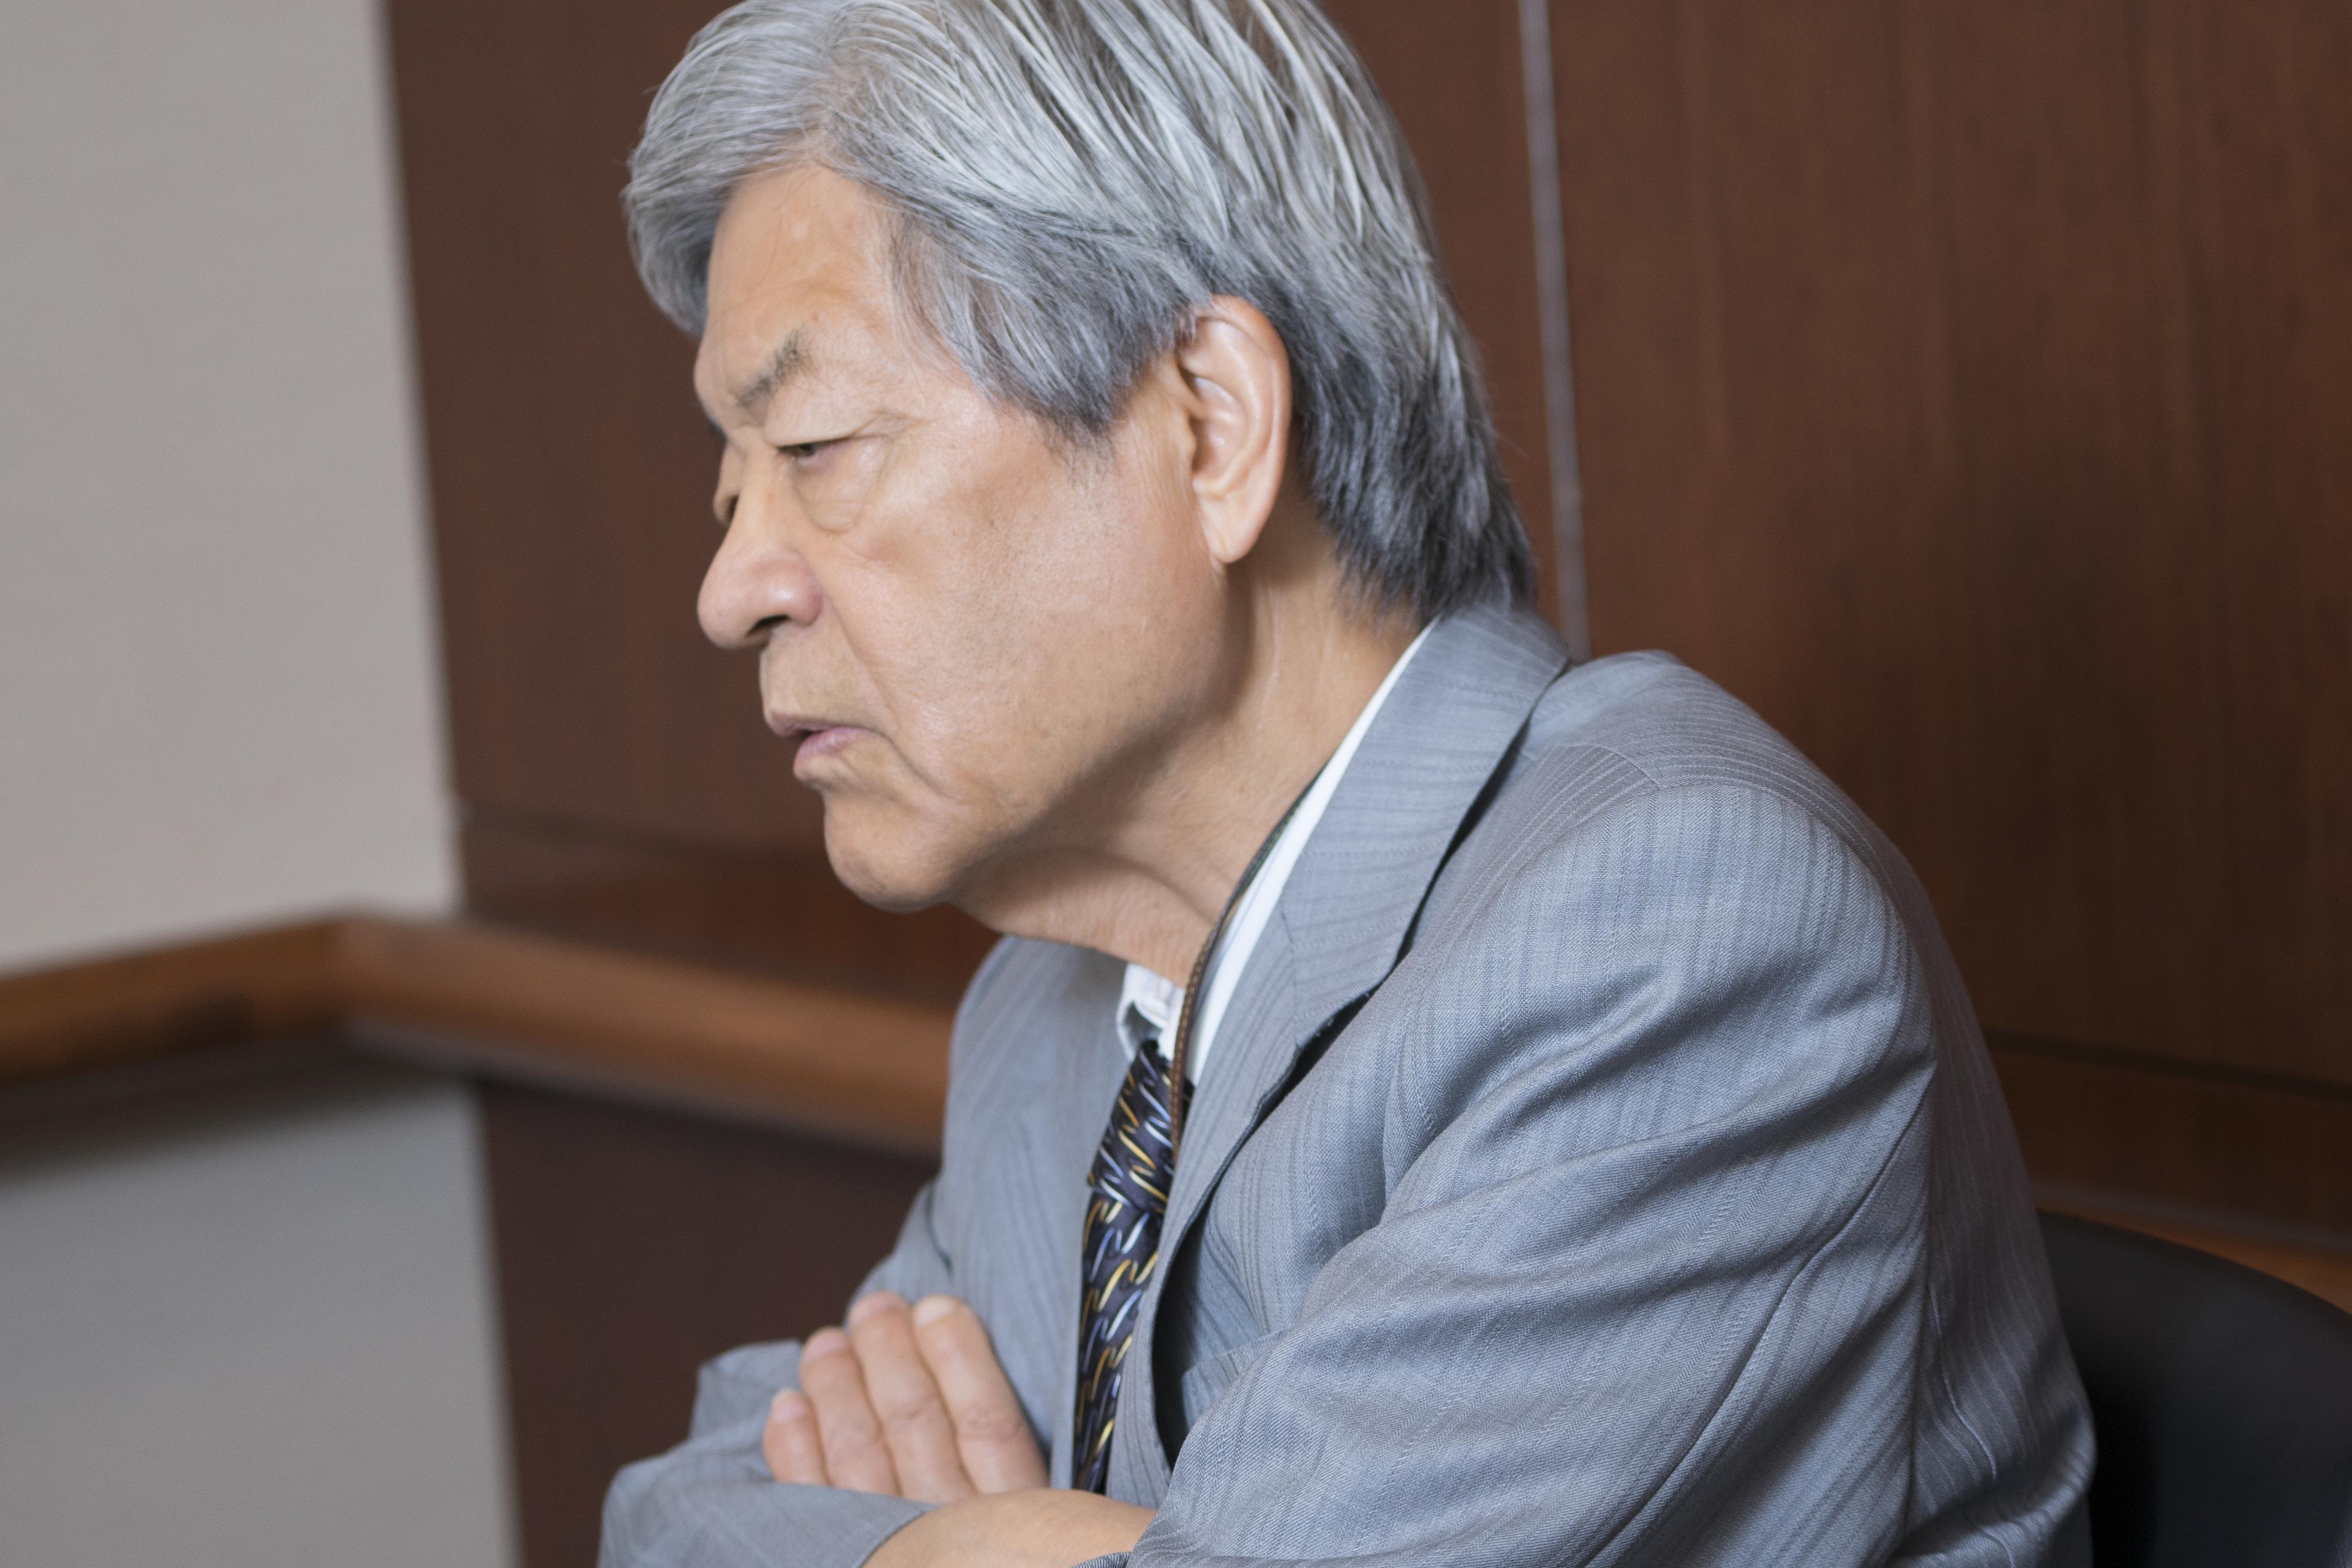 田原総一朗 「「内閣総理大臣」としてではなく「自由民主党総裁」という肩書きで「玉串料」をおさめた」